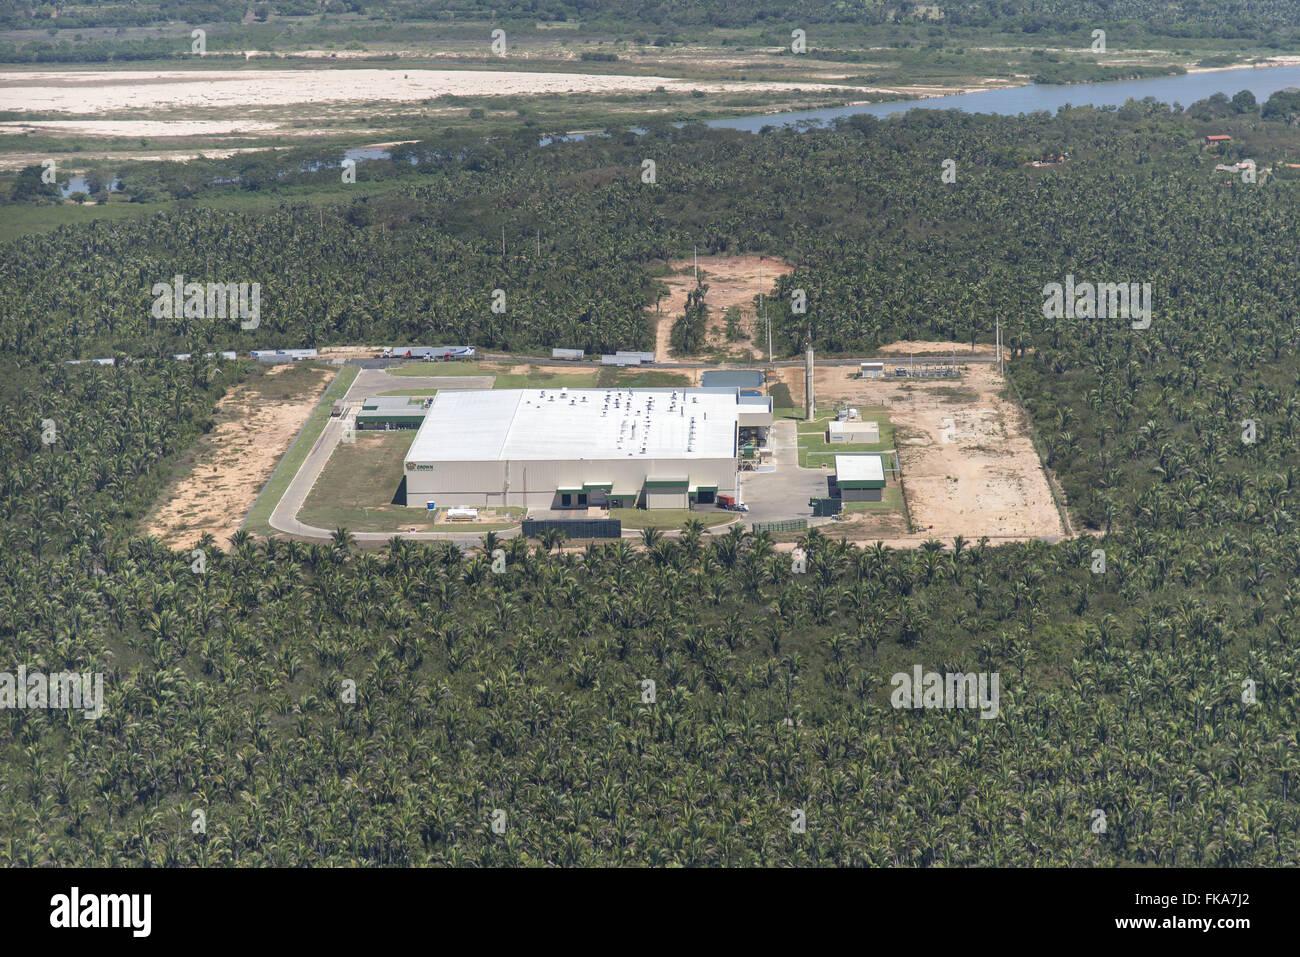 Vista aérea indústria de latas de alumínio ningún Distrito Industrial em Meio Norte una mata de cocais Foto de stock